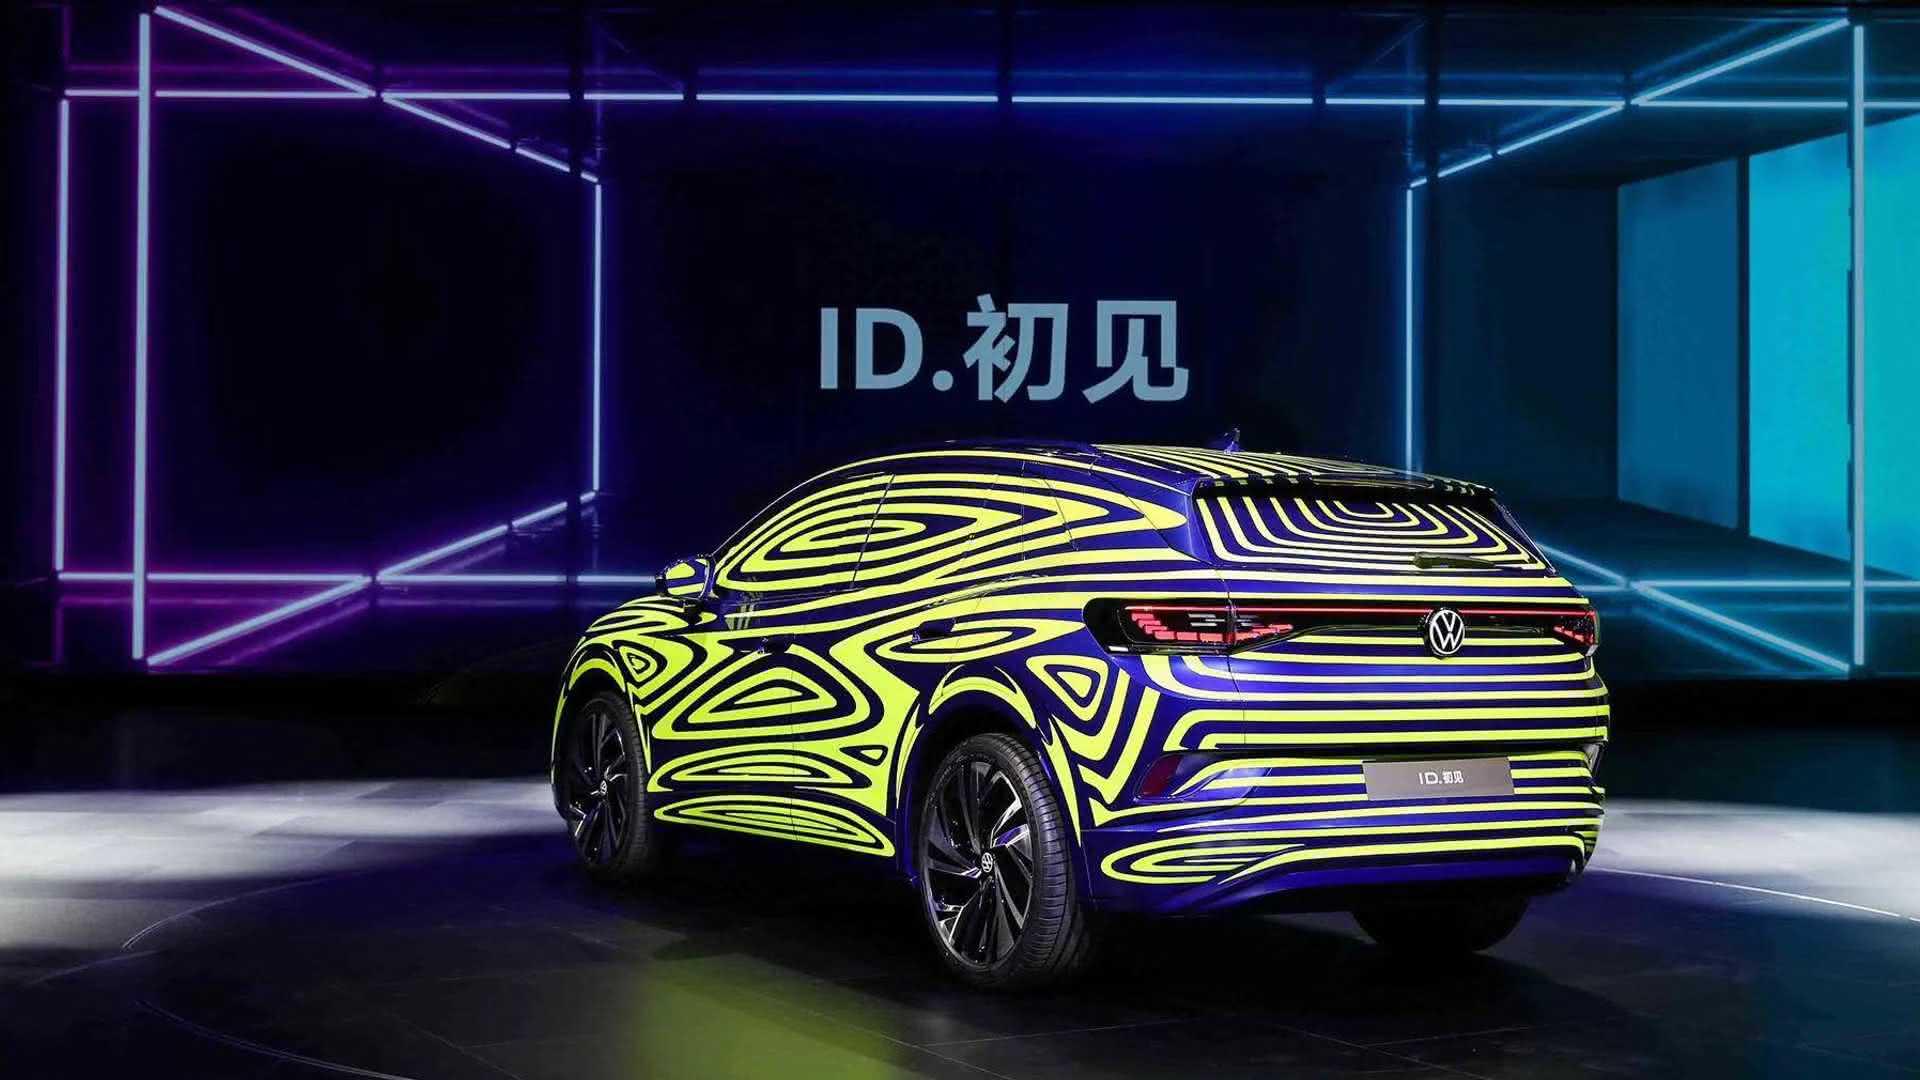 preço do Volkswagen ID.4 2020